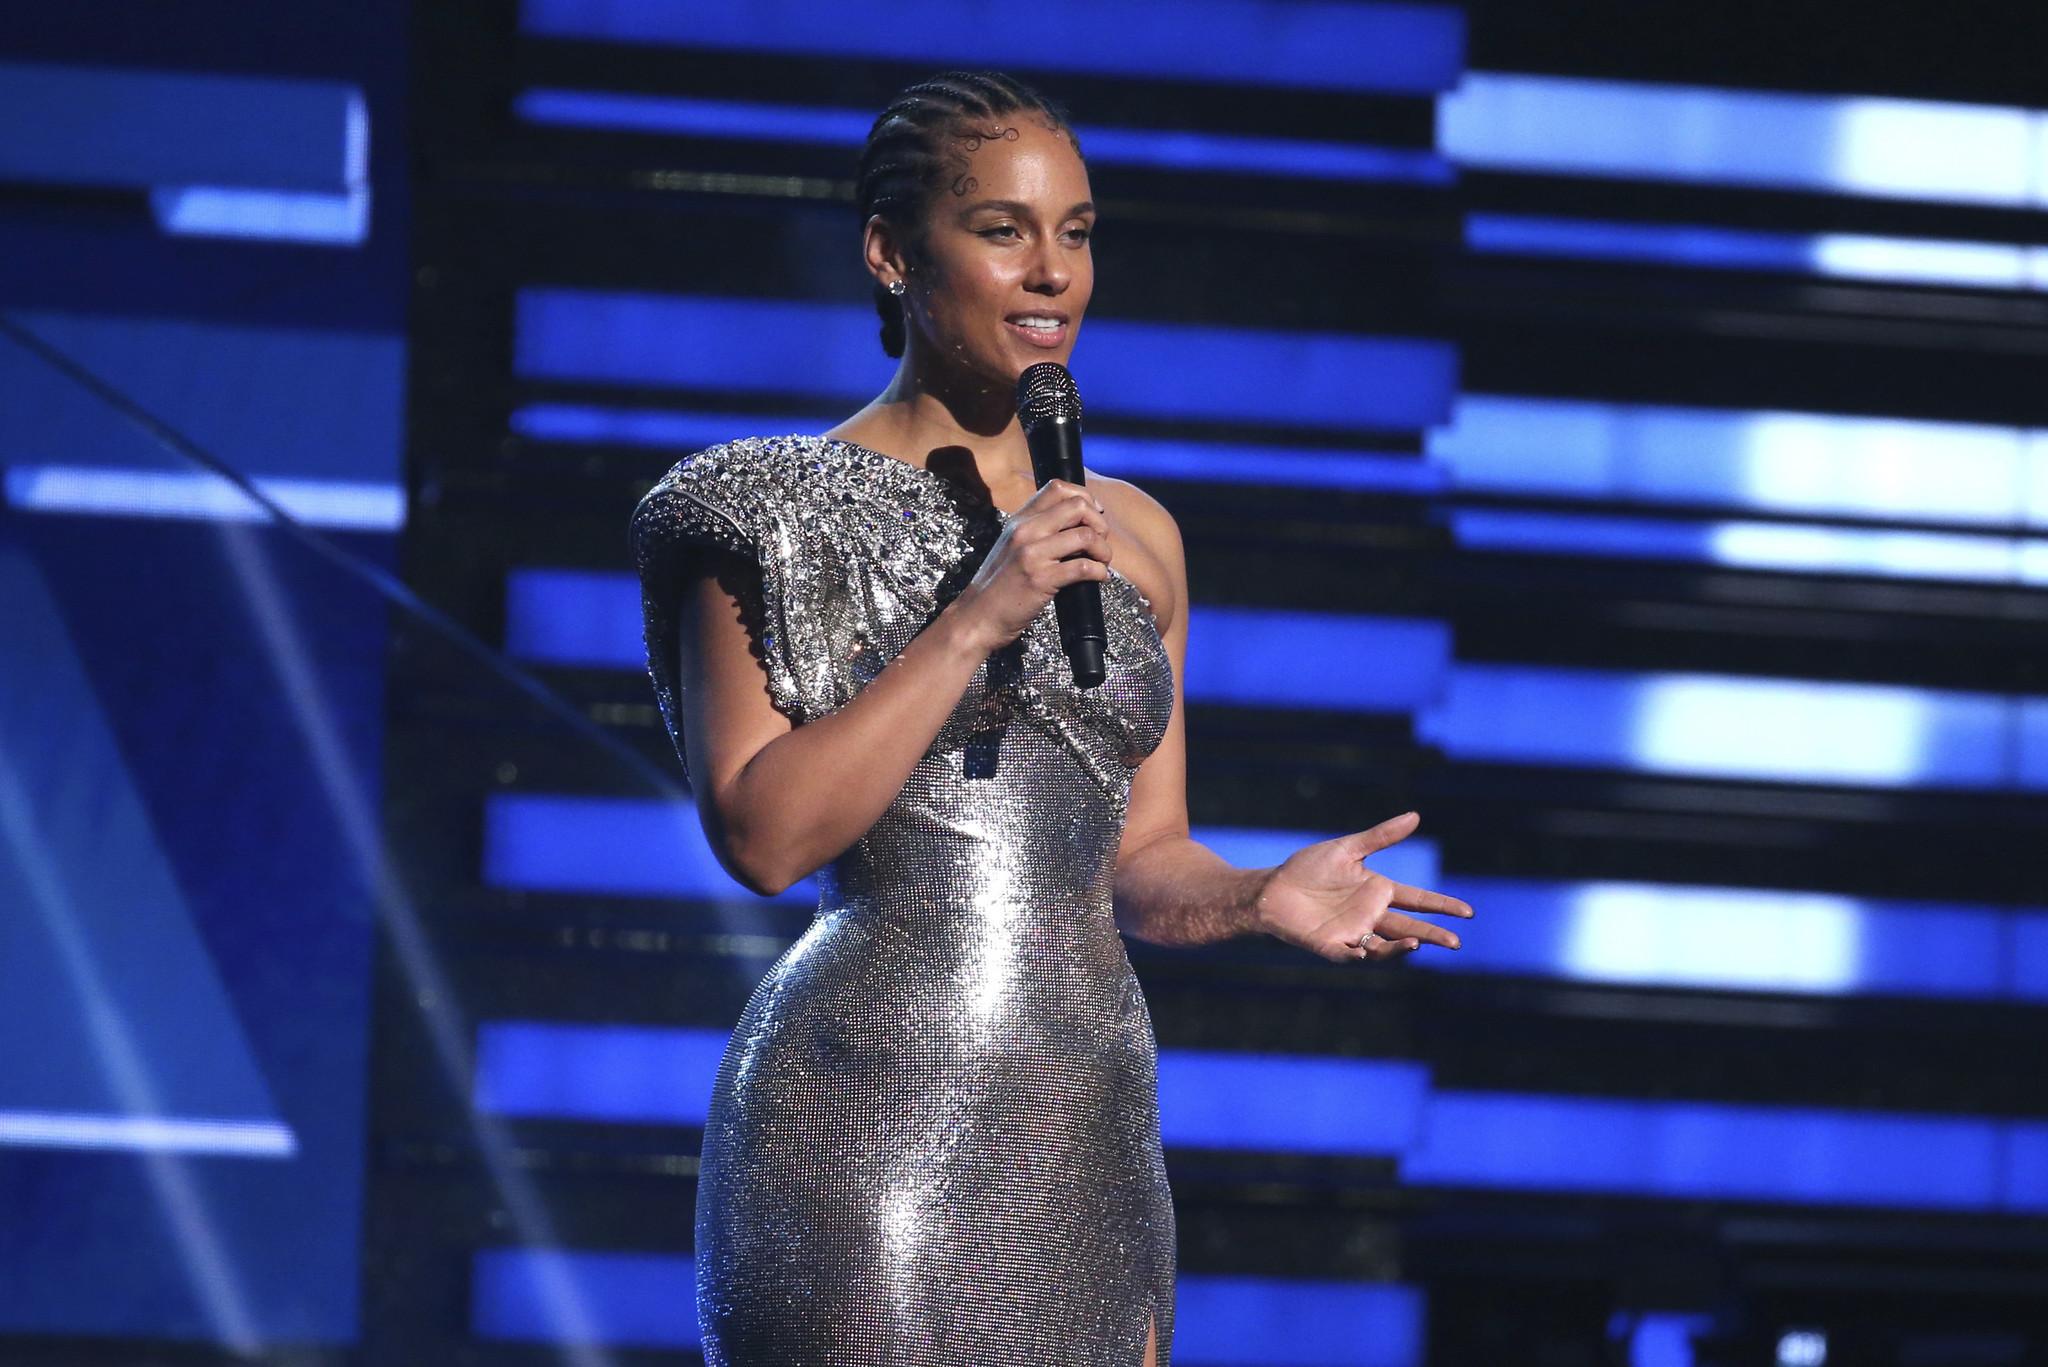 Grammys go on, but Kobe Bryant's legacy haunts ceremony — 'the house that Kobe built'